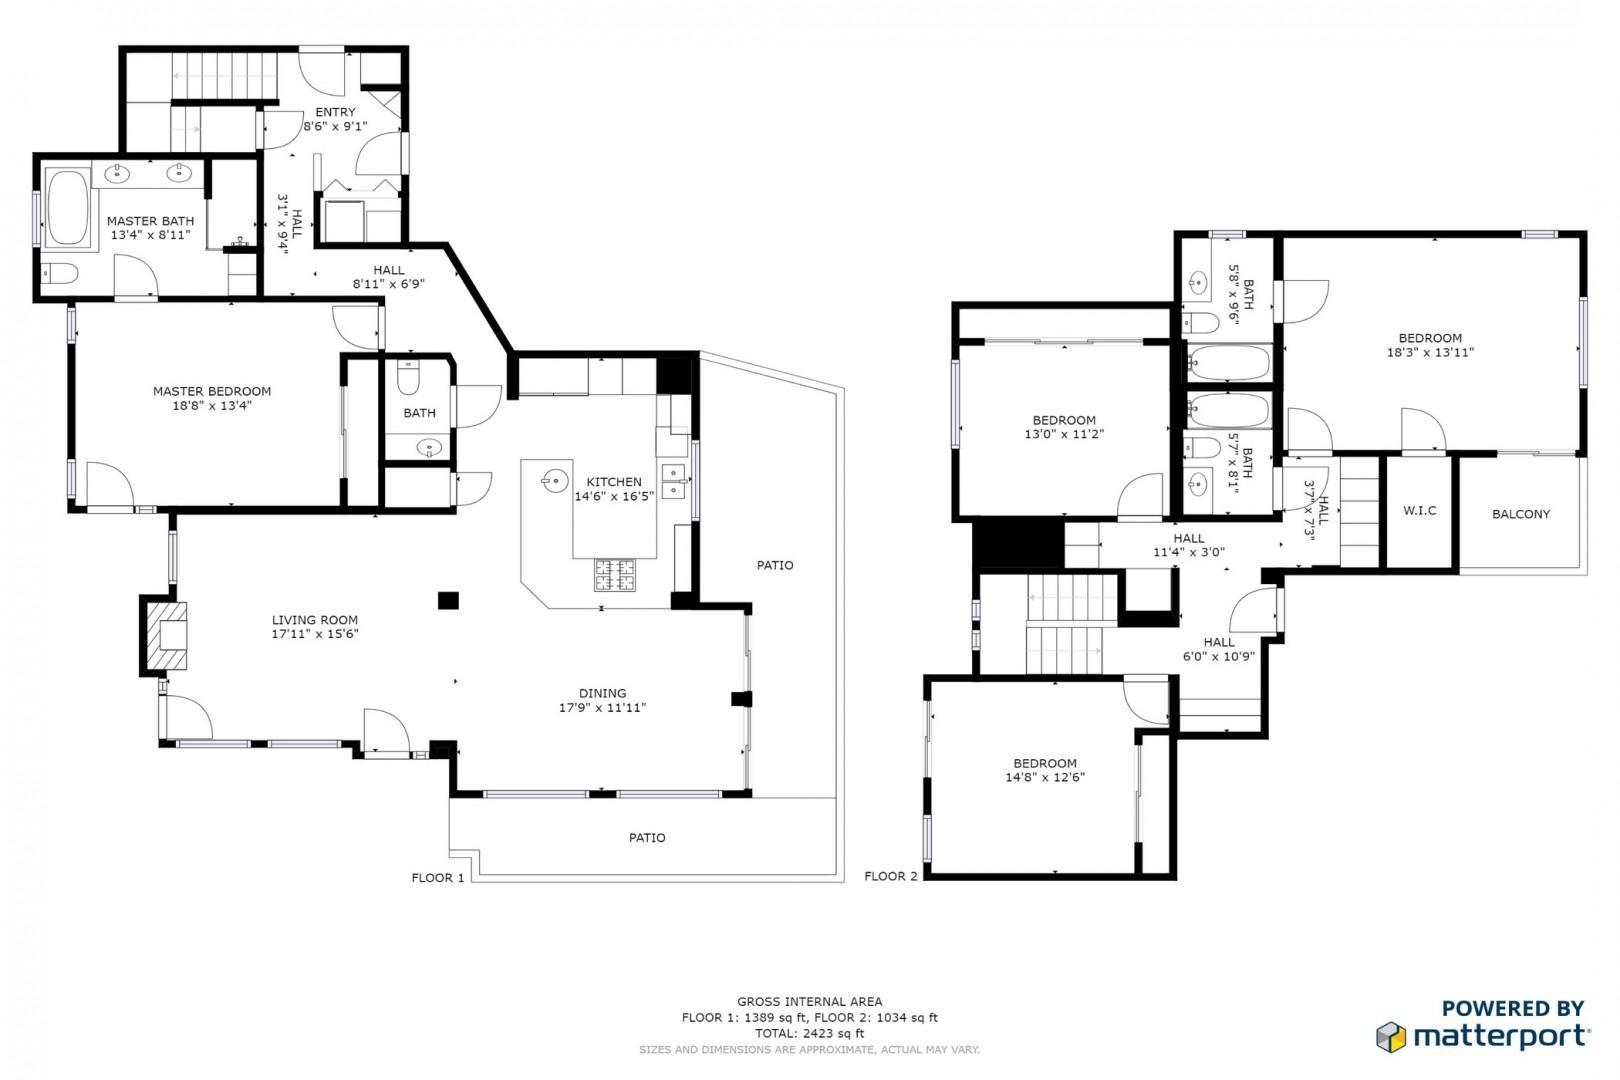 0_3751-oceanfront-walk-floorplan-san-diego-ca-92109_0_3-page-001